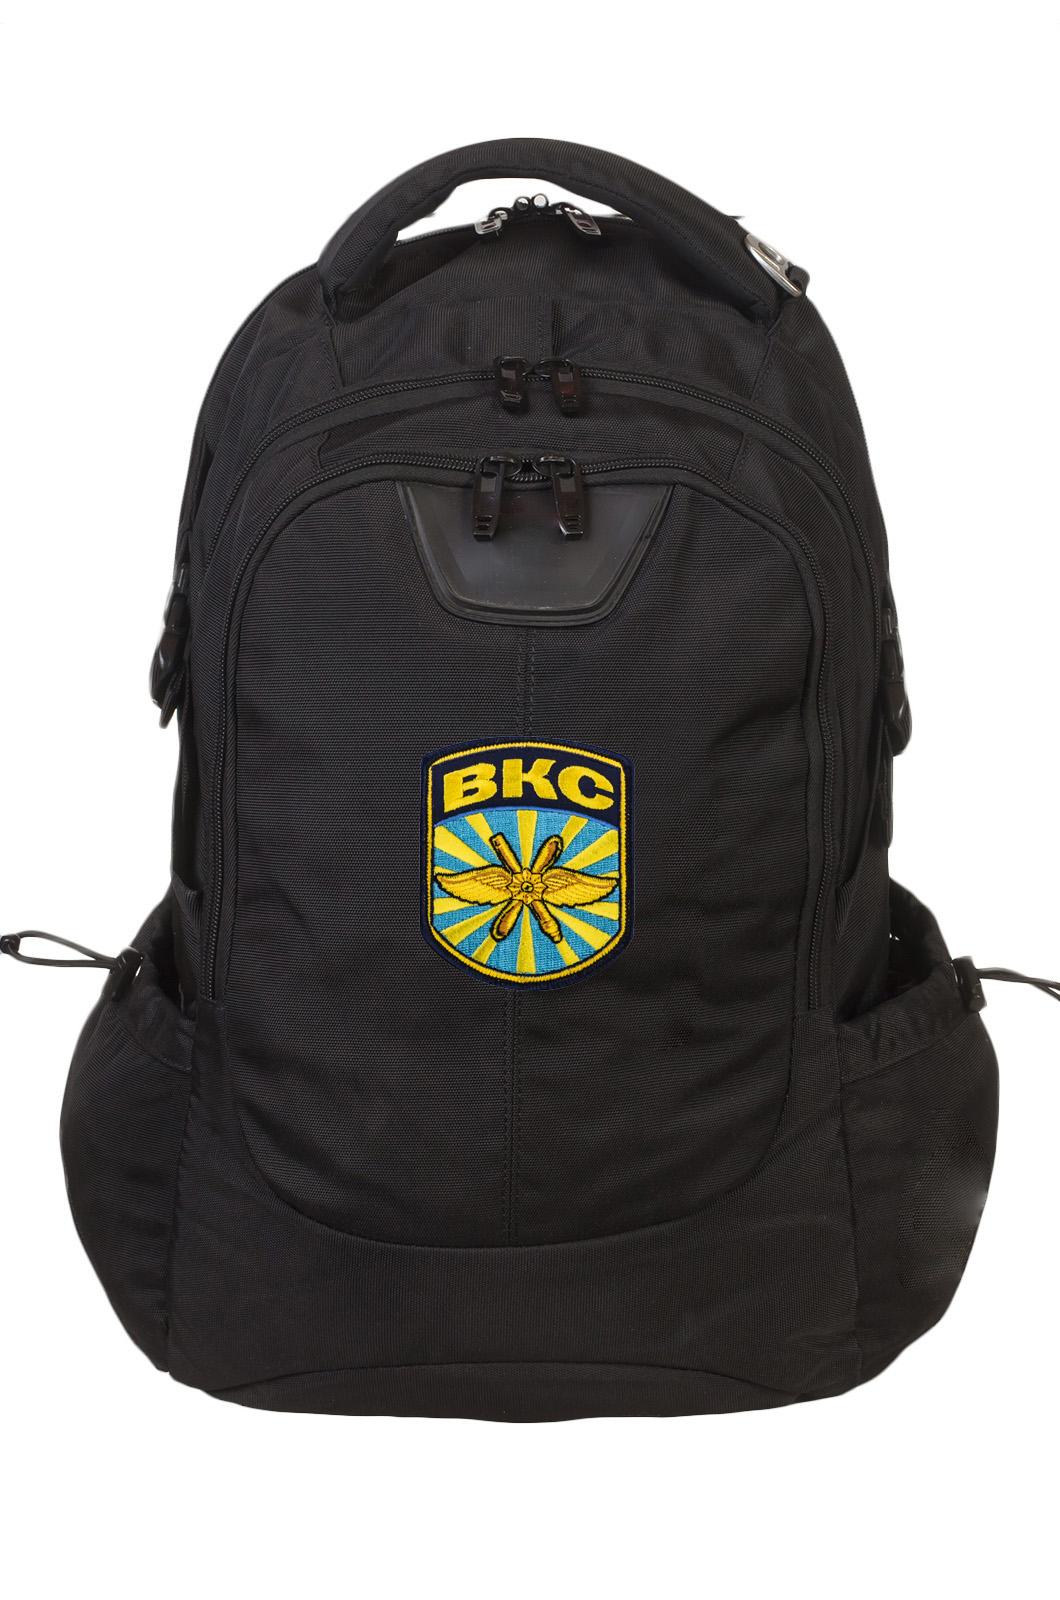 Черный вместительный рюкзак с нашивкой ВКС